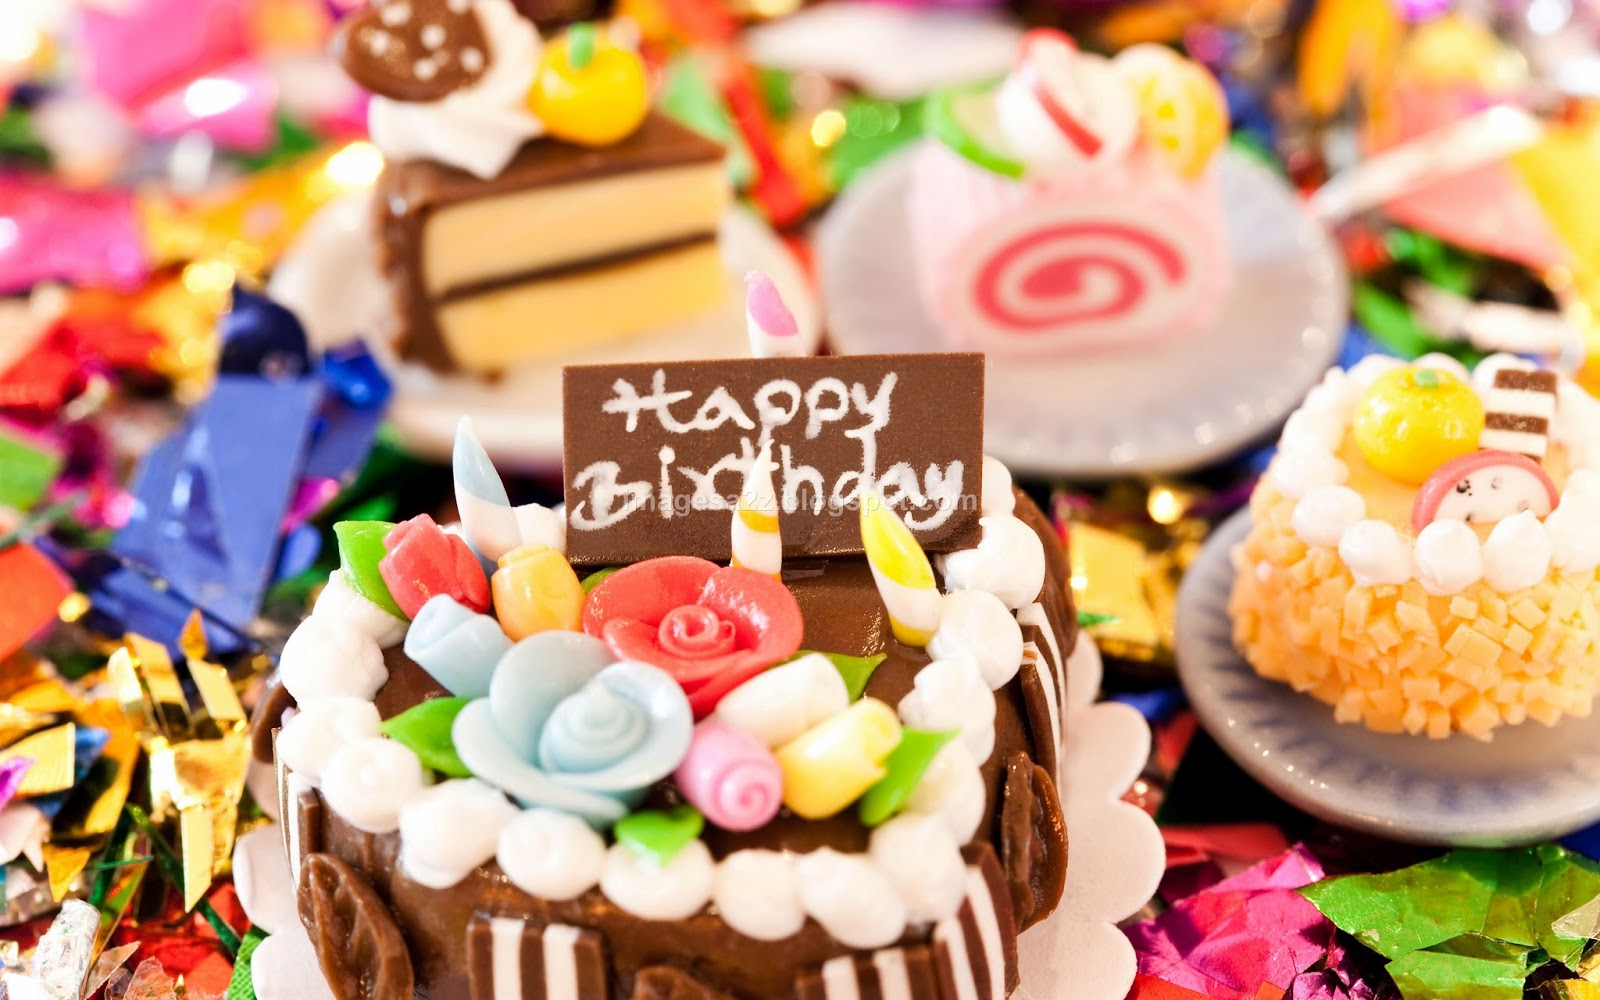 Тори лейн подарок на день рождения online 10 фотография